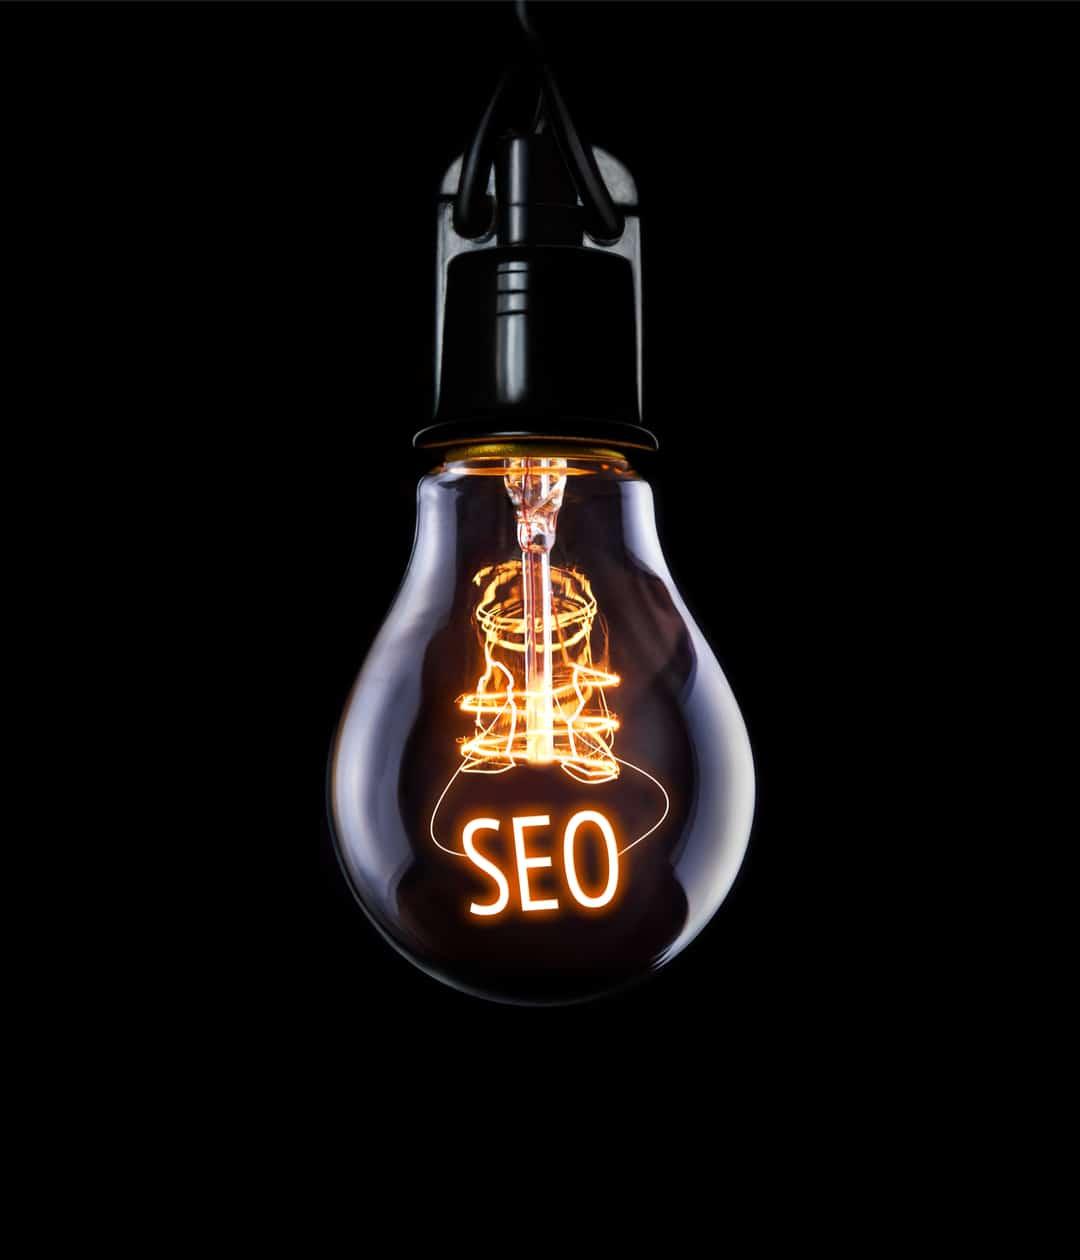 SEO-lightbulb